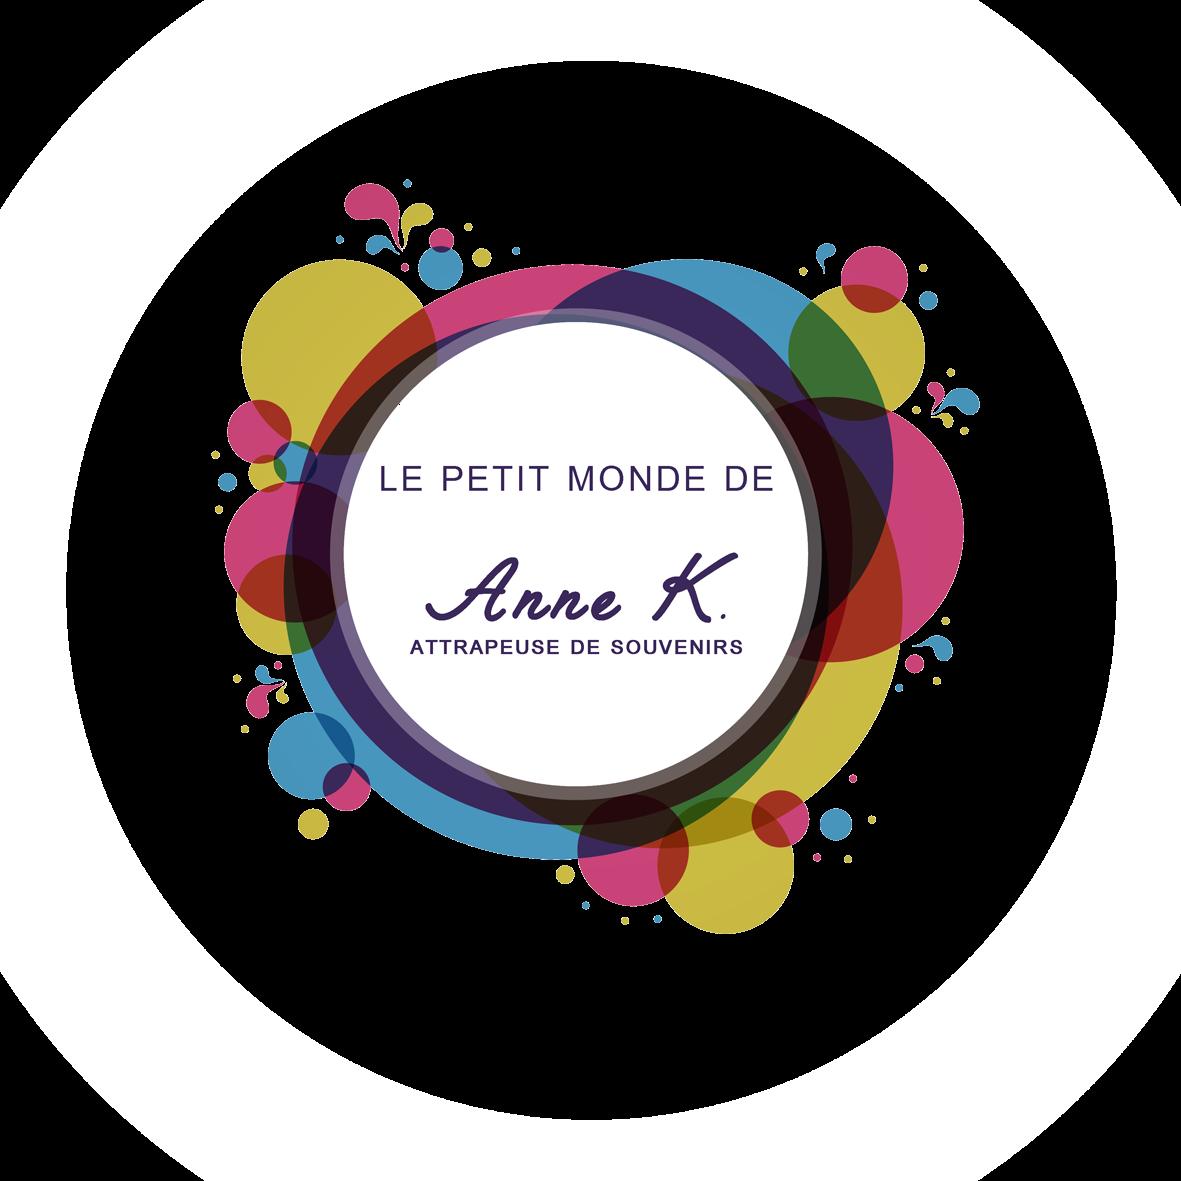 Le Petit Monde de Anne K. Photographies